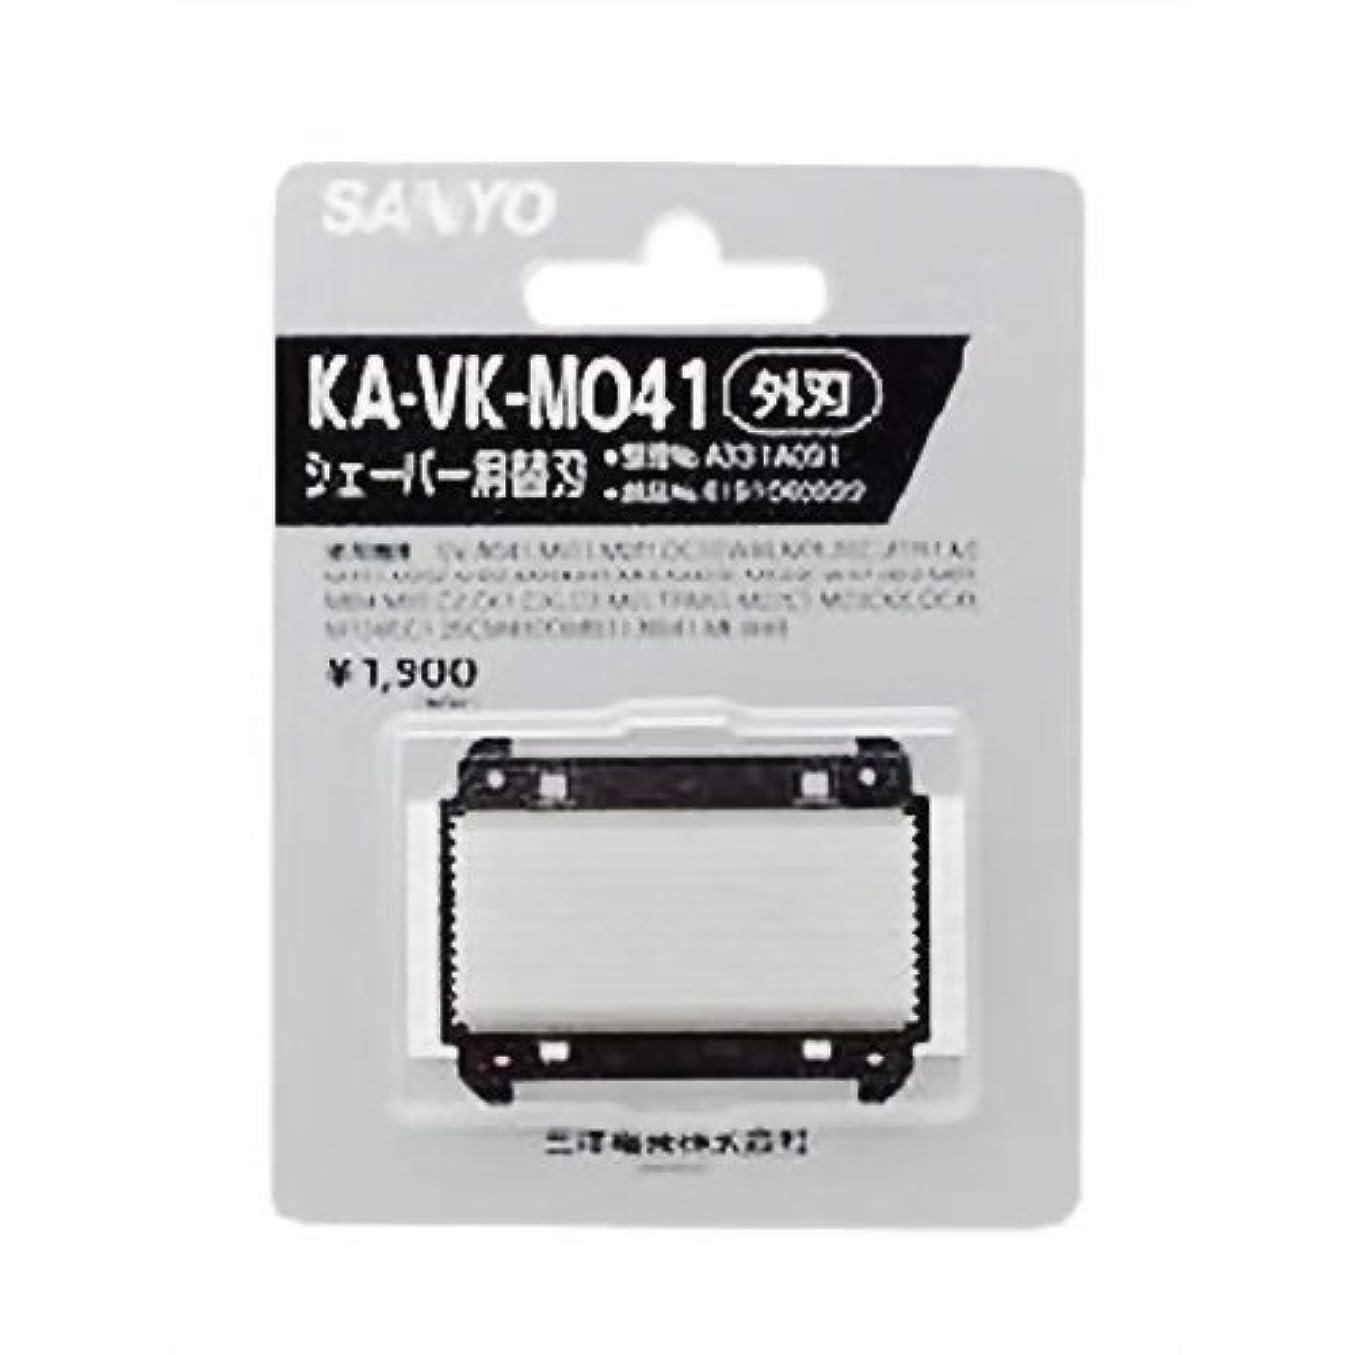 襲撃米ドル第五SANYO シェーバー用替刃 外刃 KA-VK-M041